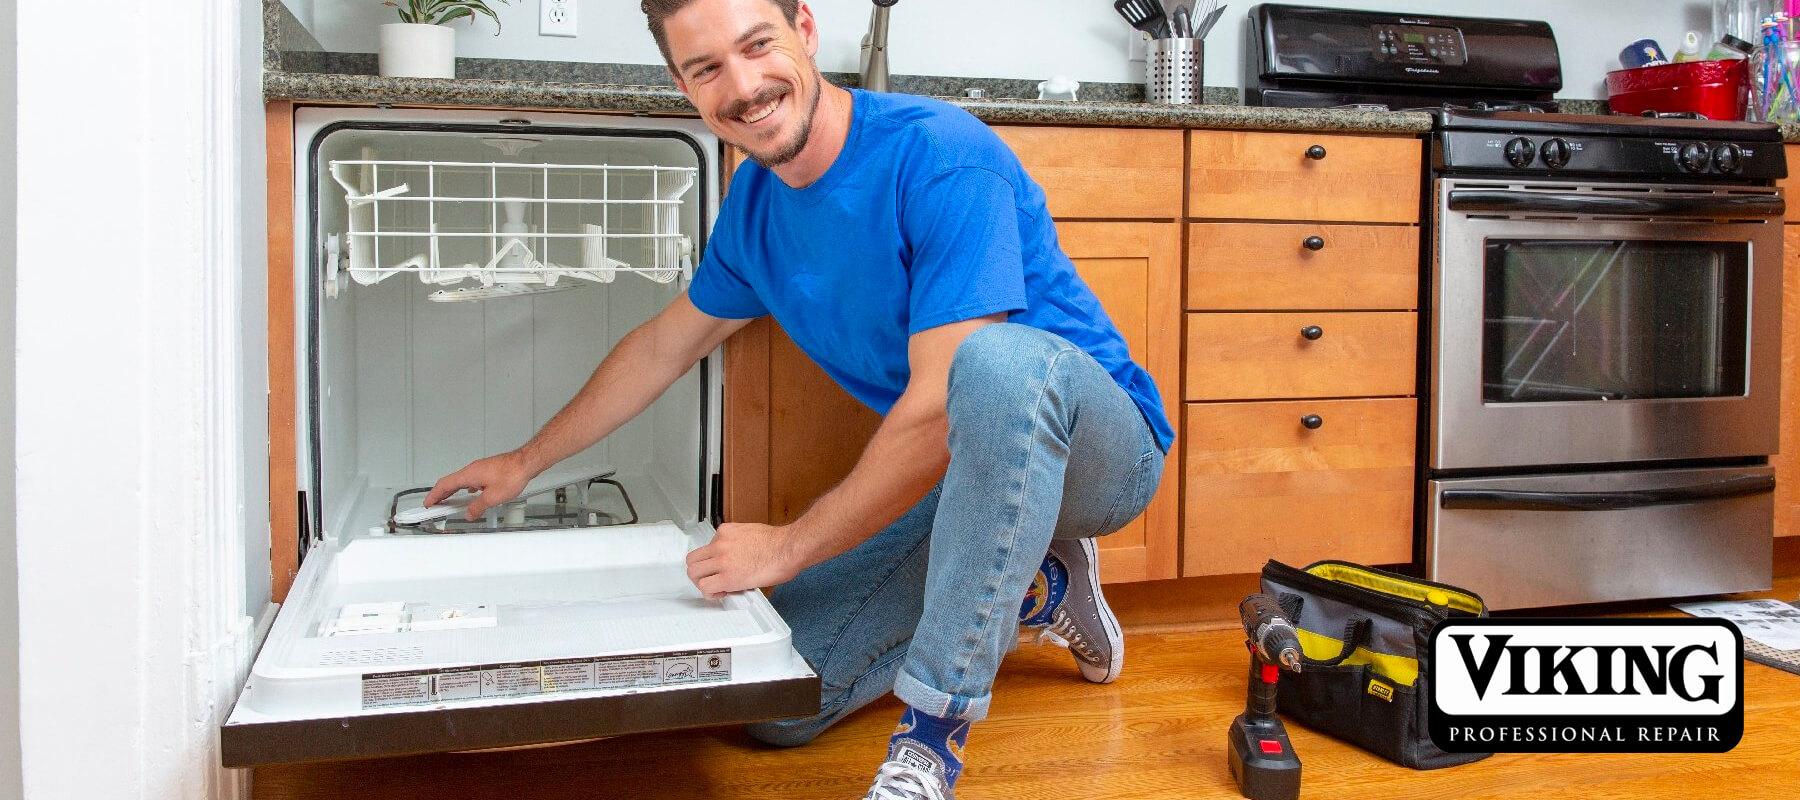 Viking Microwave Repair Troubleshooting | Professional Viking Repair